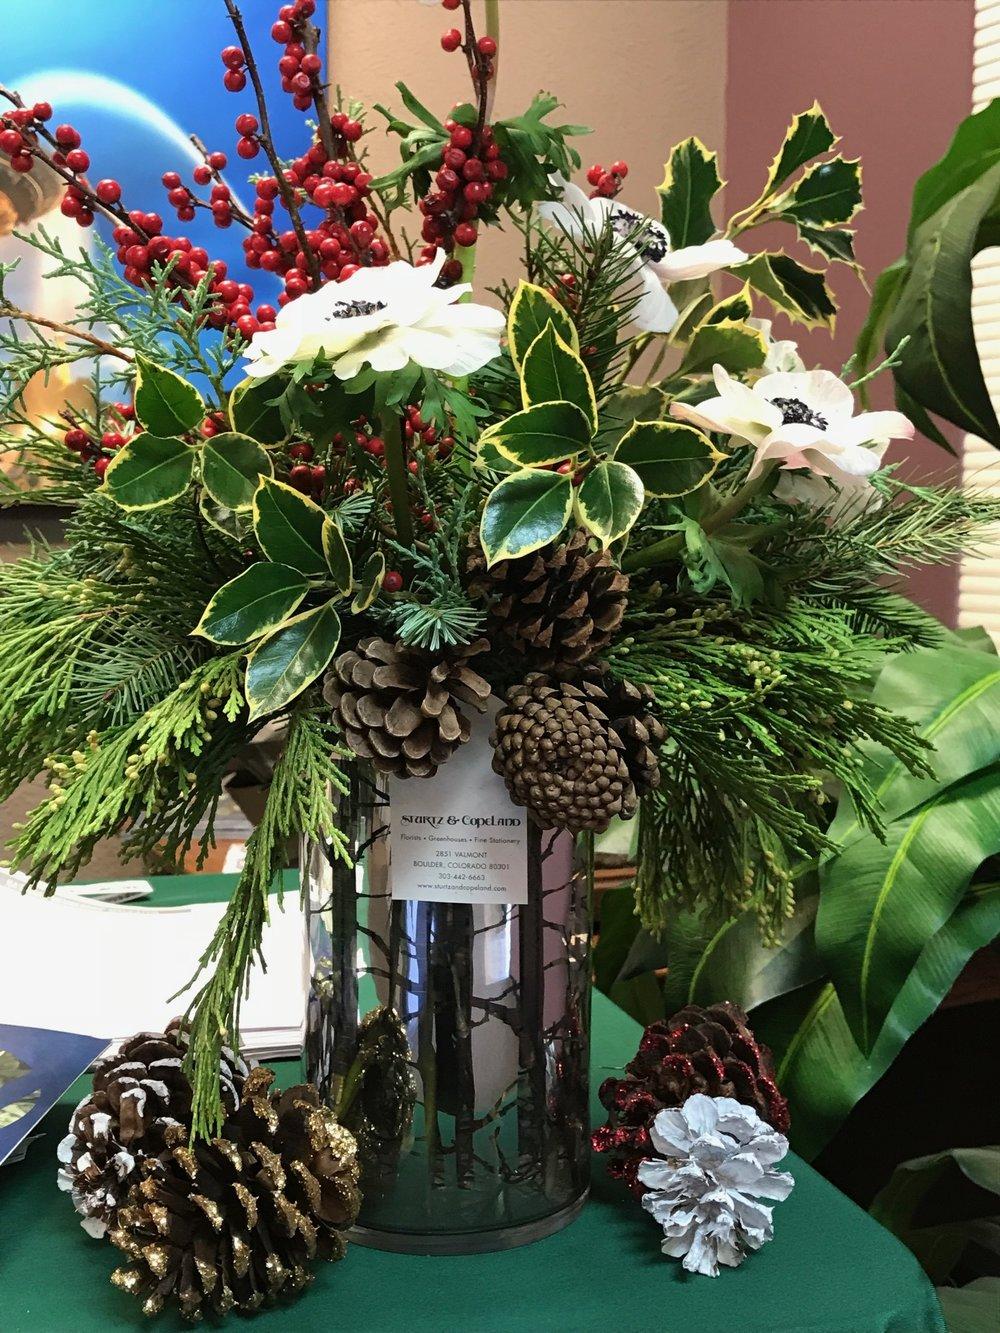 Sturtz and Copeland Winter Bouquet